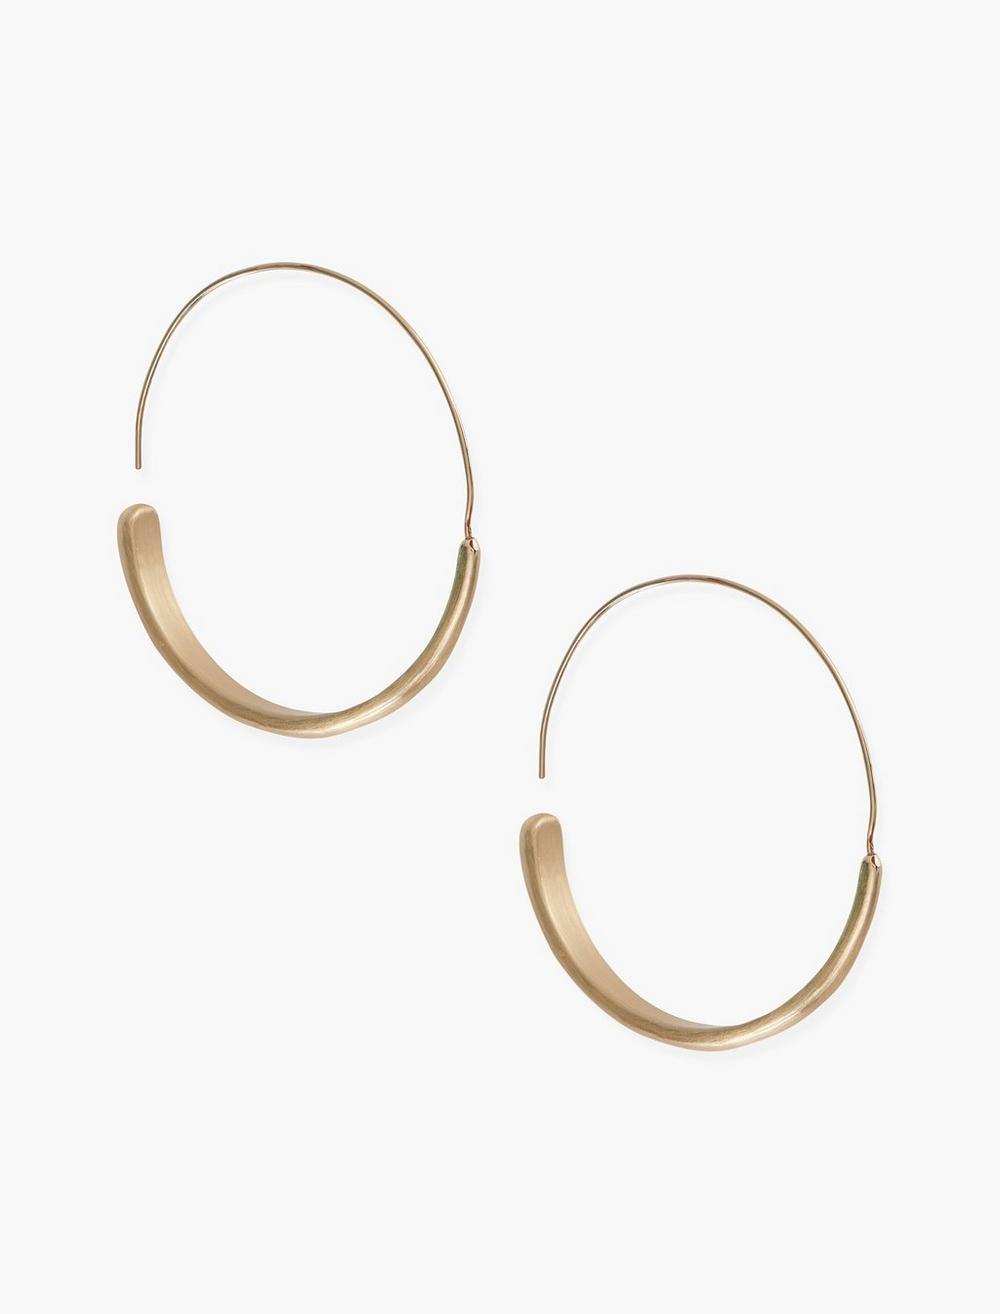 BRUSHED GOLD MODERN HOOP EARRINGS, image 1